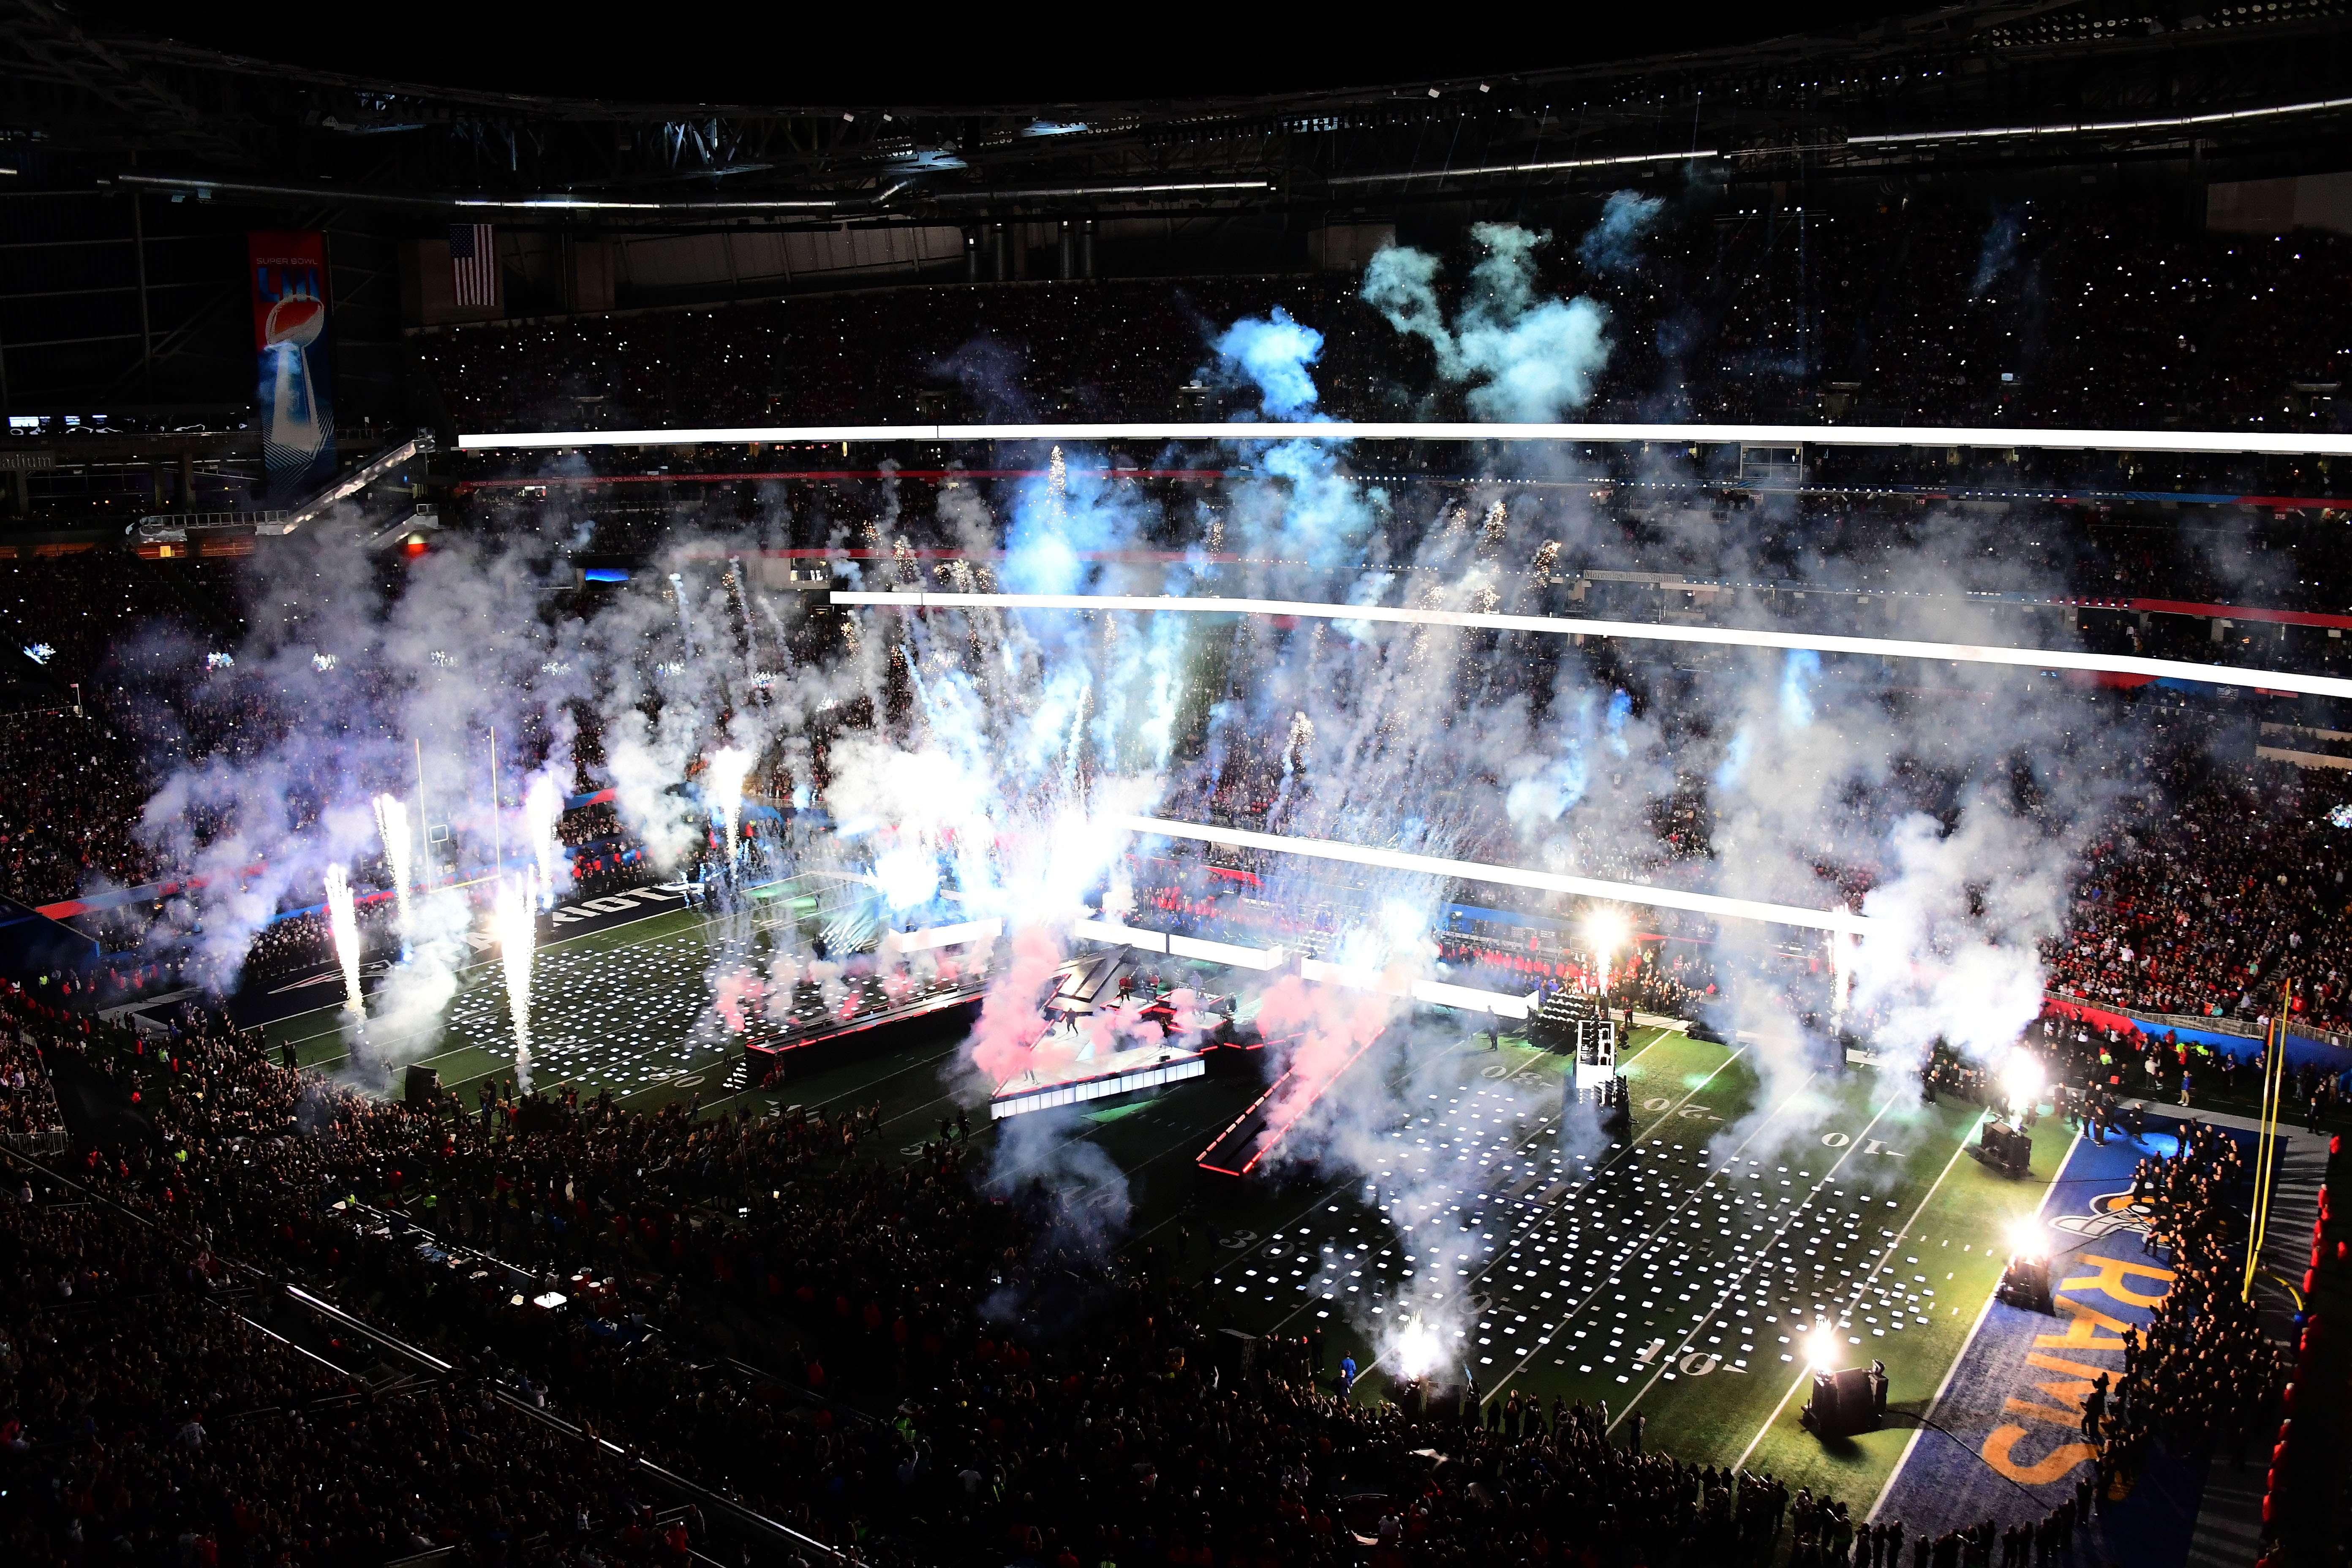 El show del Super Bowl fue aprovechado para proyectar adelantos de las películas más esperadas de este año (Foto Prensa Libre: AFP)